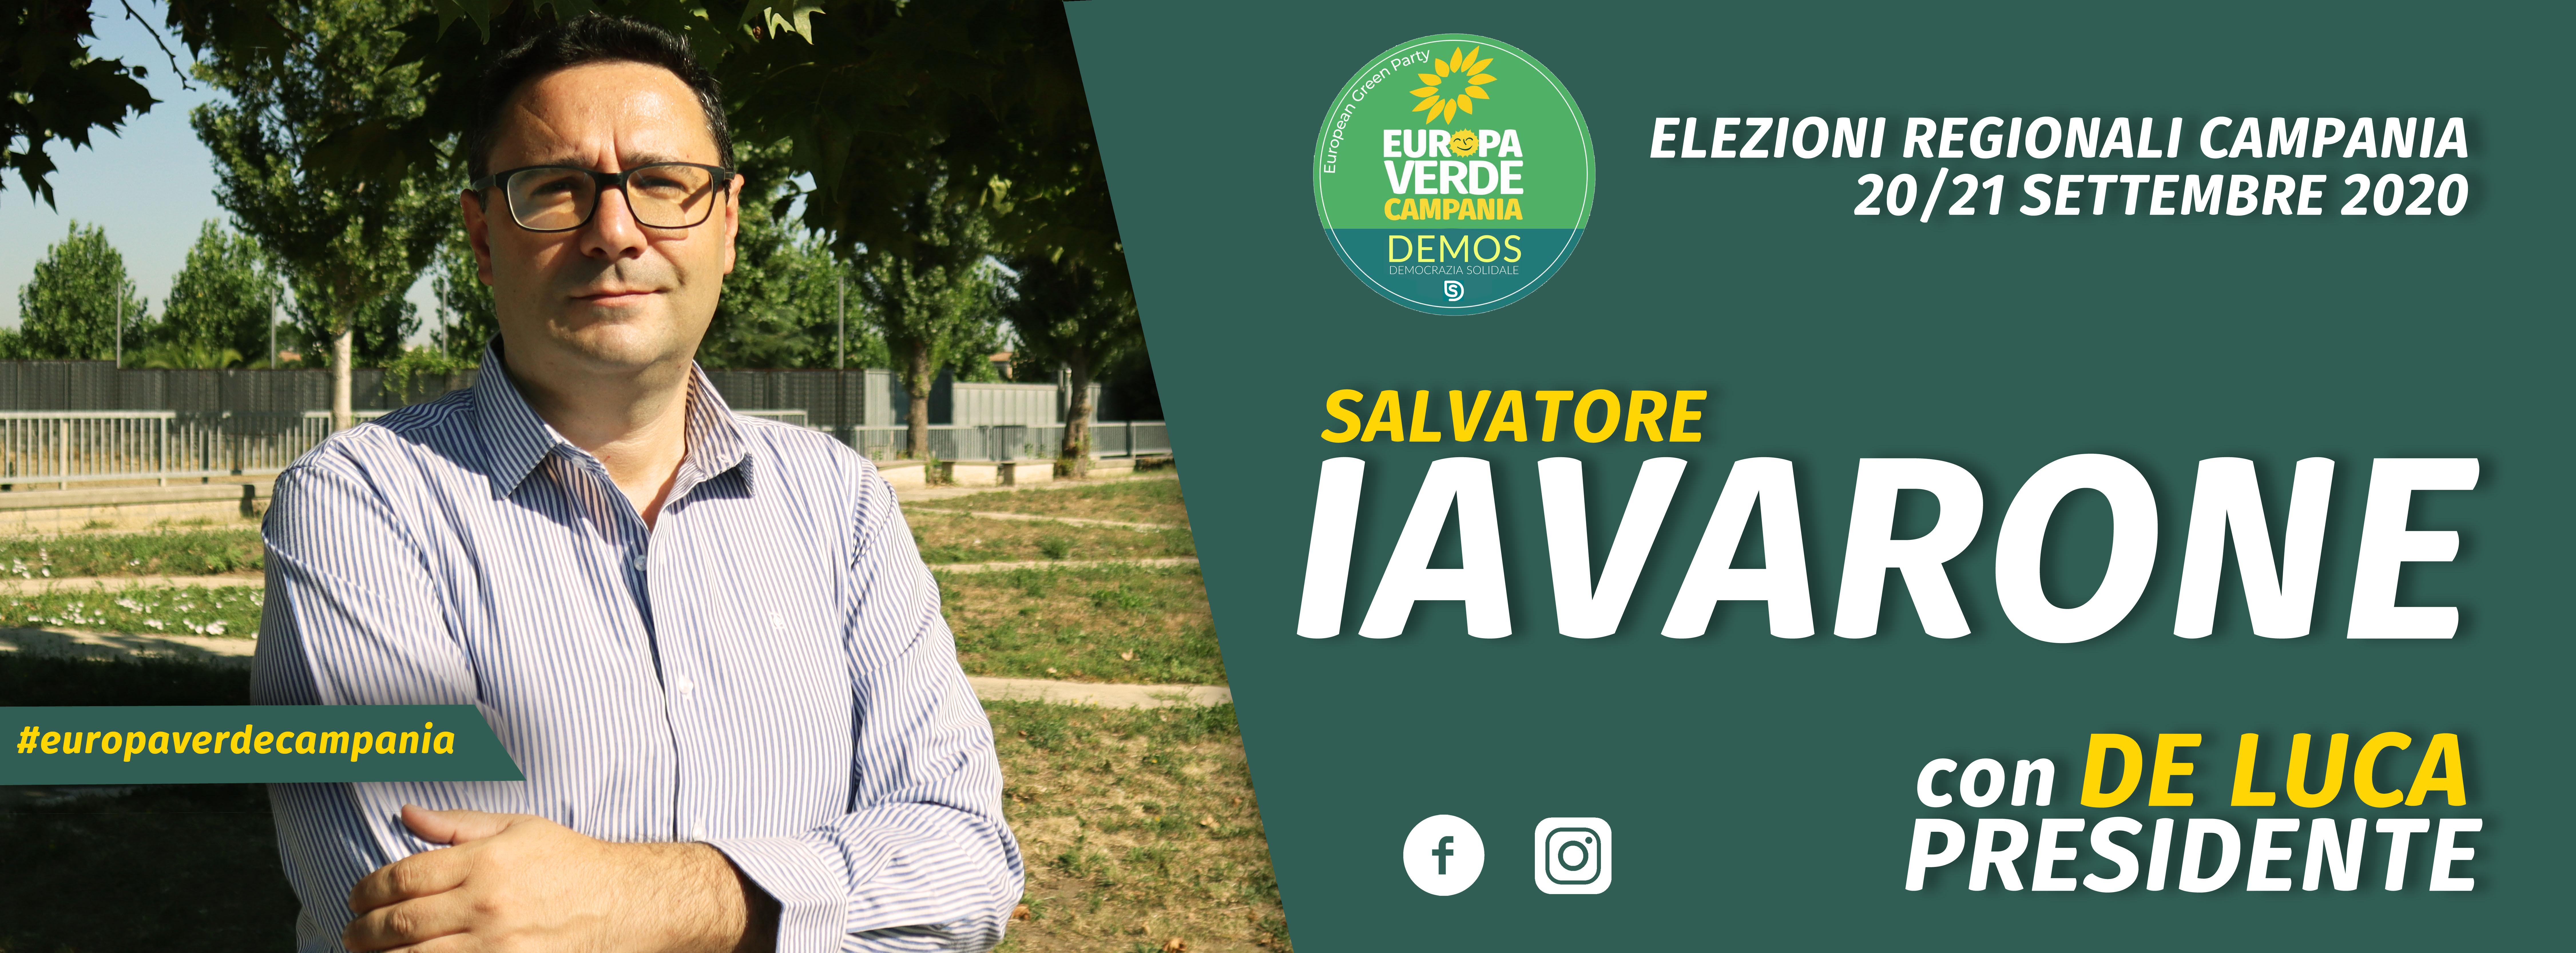 Donare alberi per riscattare il territorio: la proposta di Salvatore Iavarone, candidato al consiglio regionale con Verdi Europa Verde